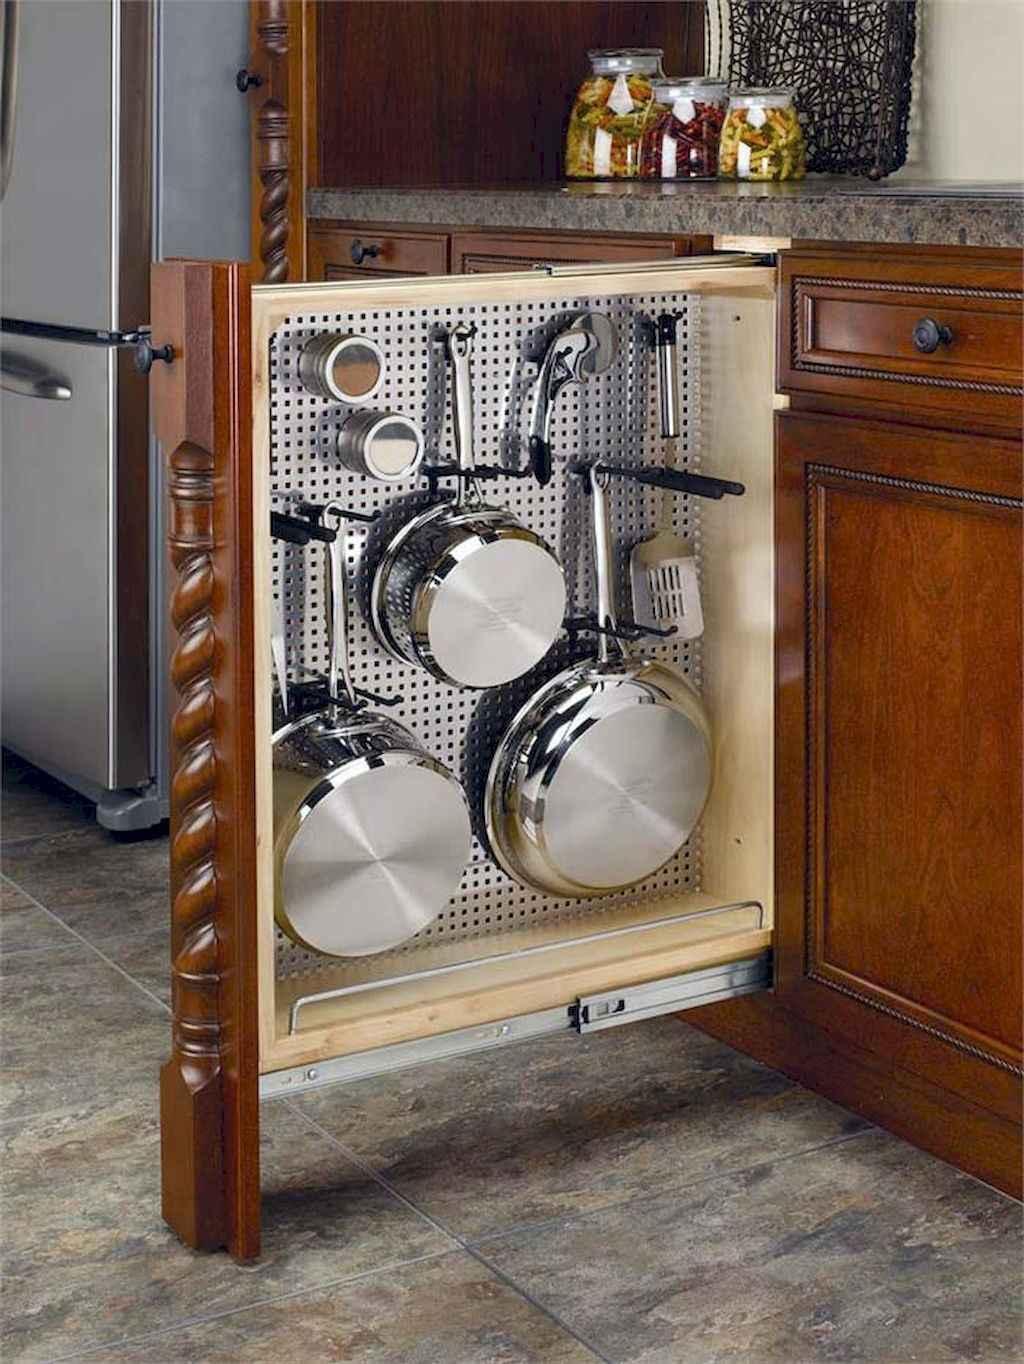 Ingenious hidden kitchen cabinet & storage solutions (21)